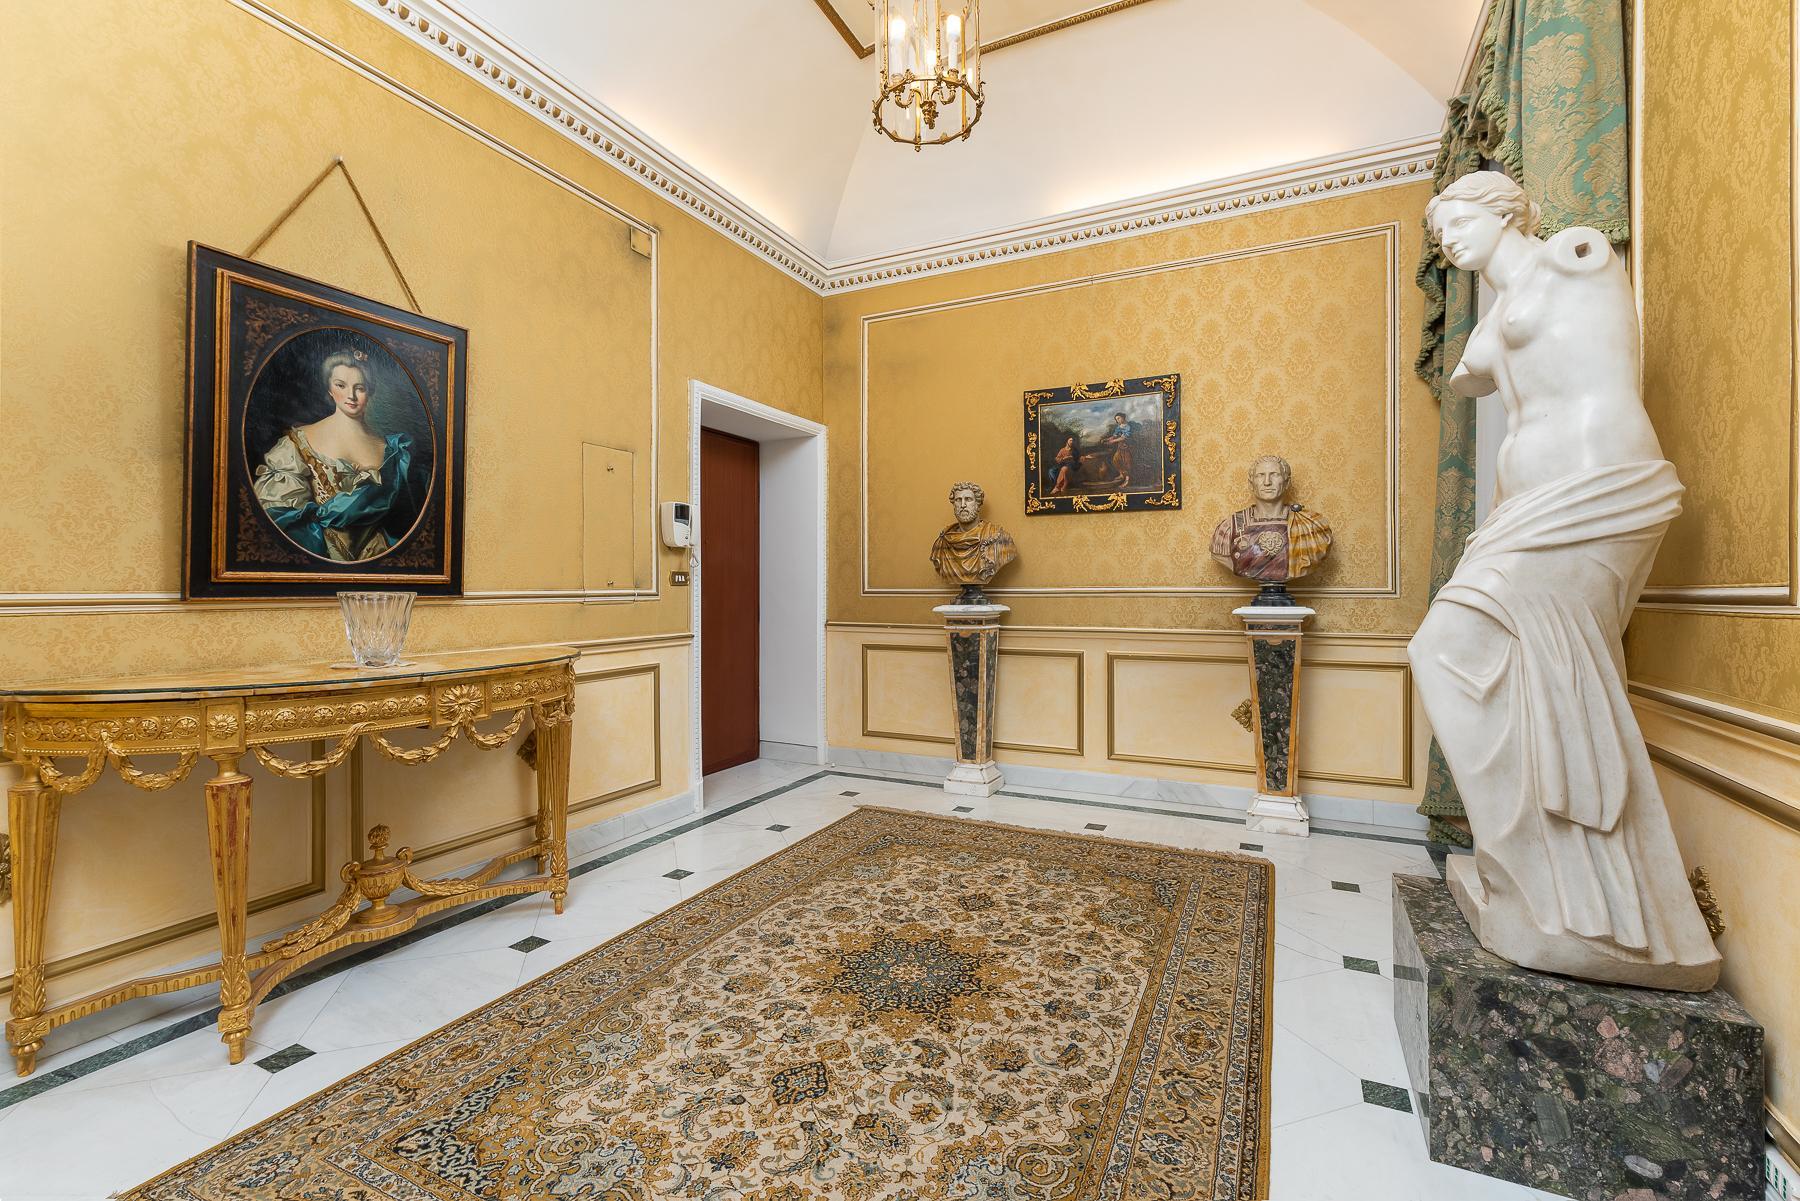 Роскошная квартира с большой террасой  в элегантном здании начала 900 года - 2